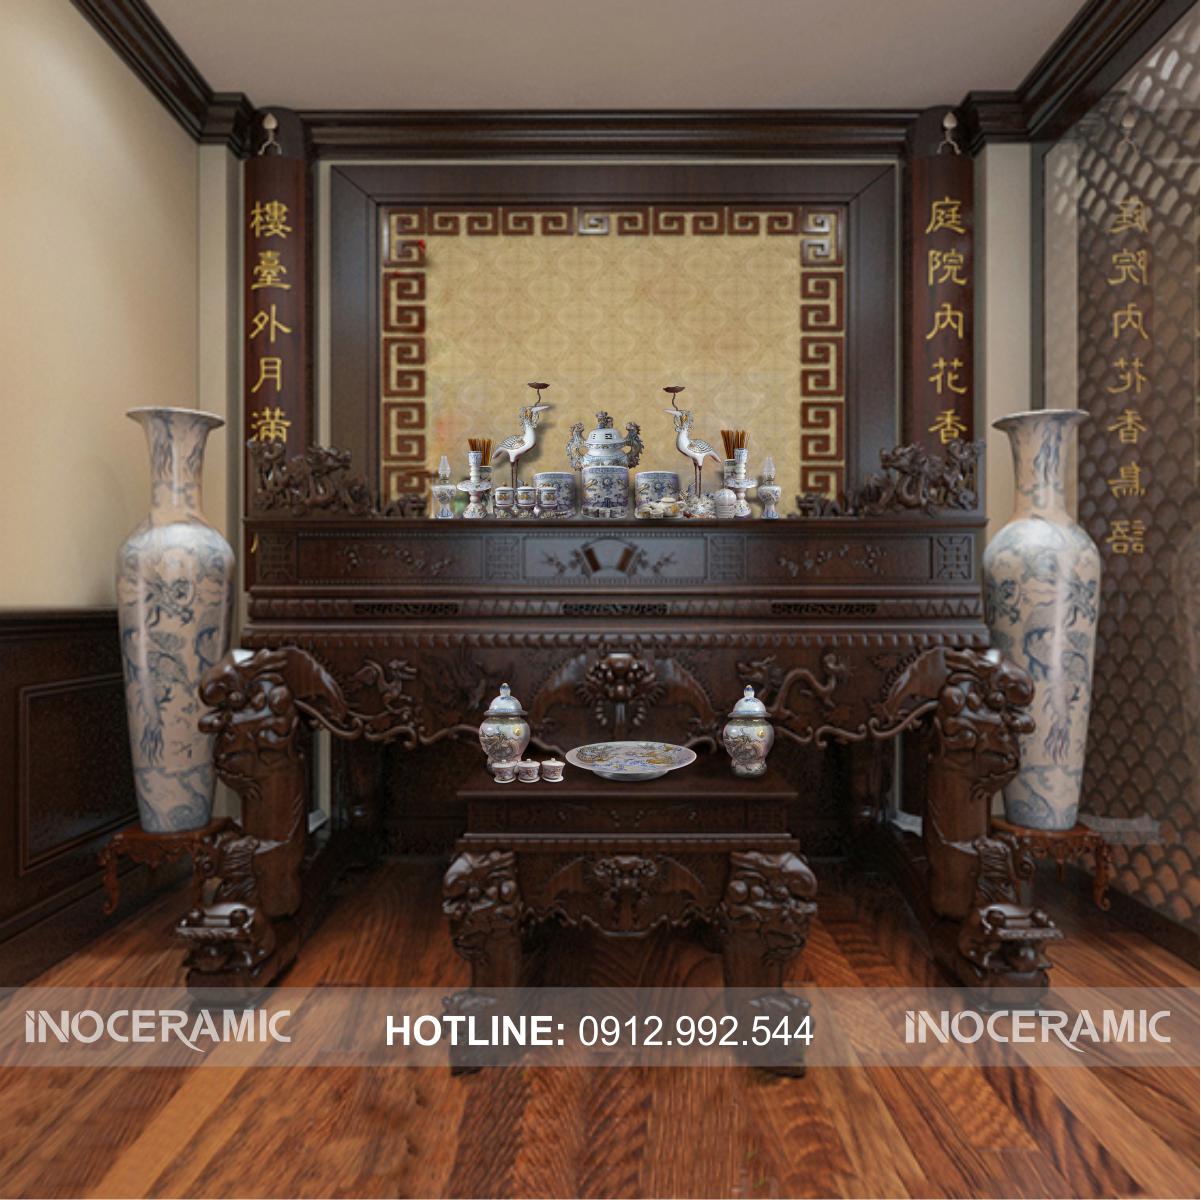 mẫu phòng thờ đẹp - cung cấp gốm sứ thờ cúng cao cấp Bát Tràng